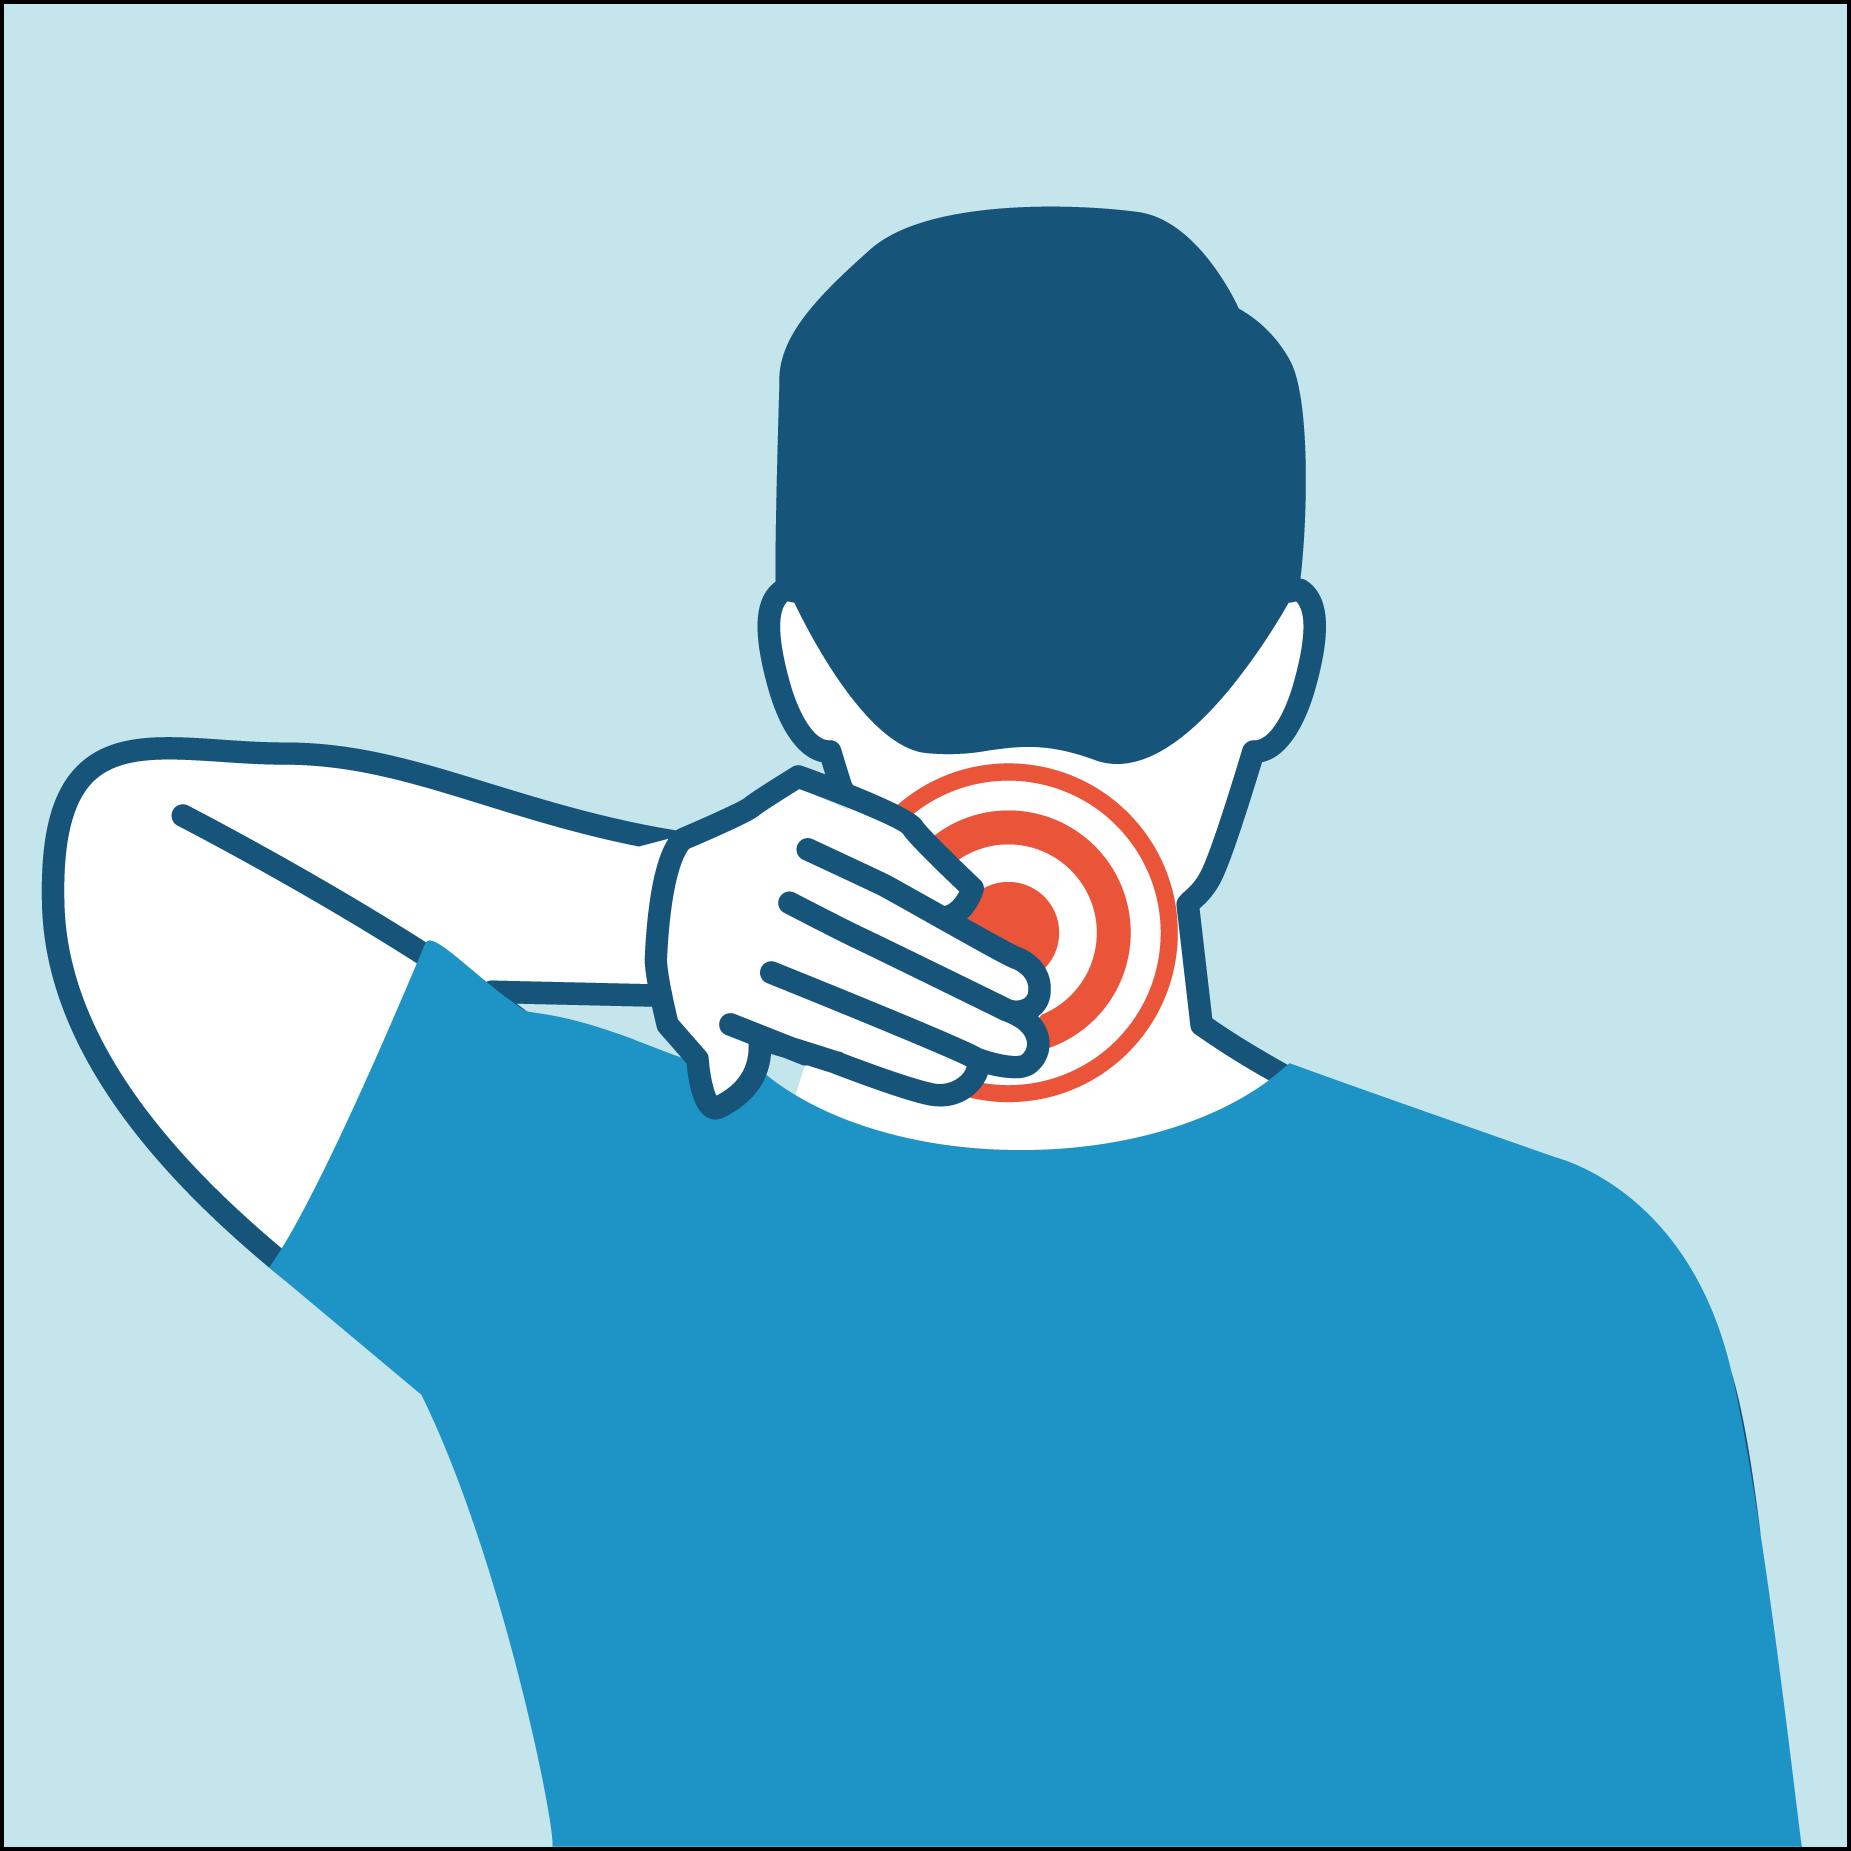 neck ache icon